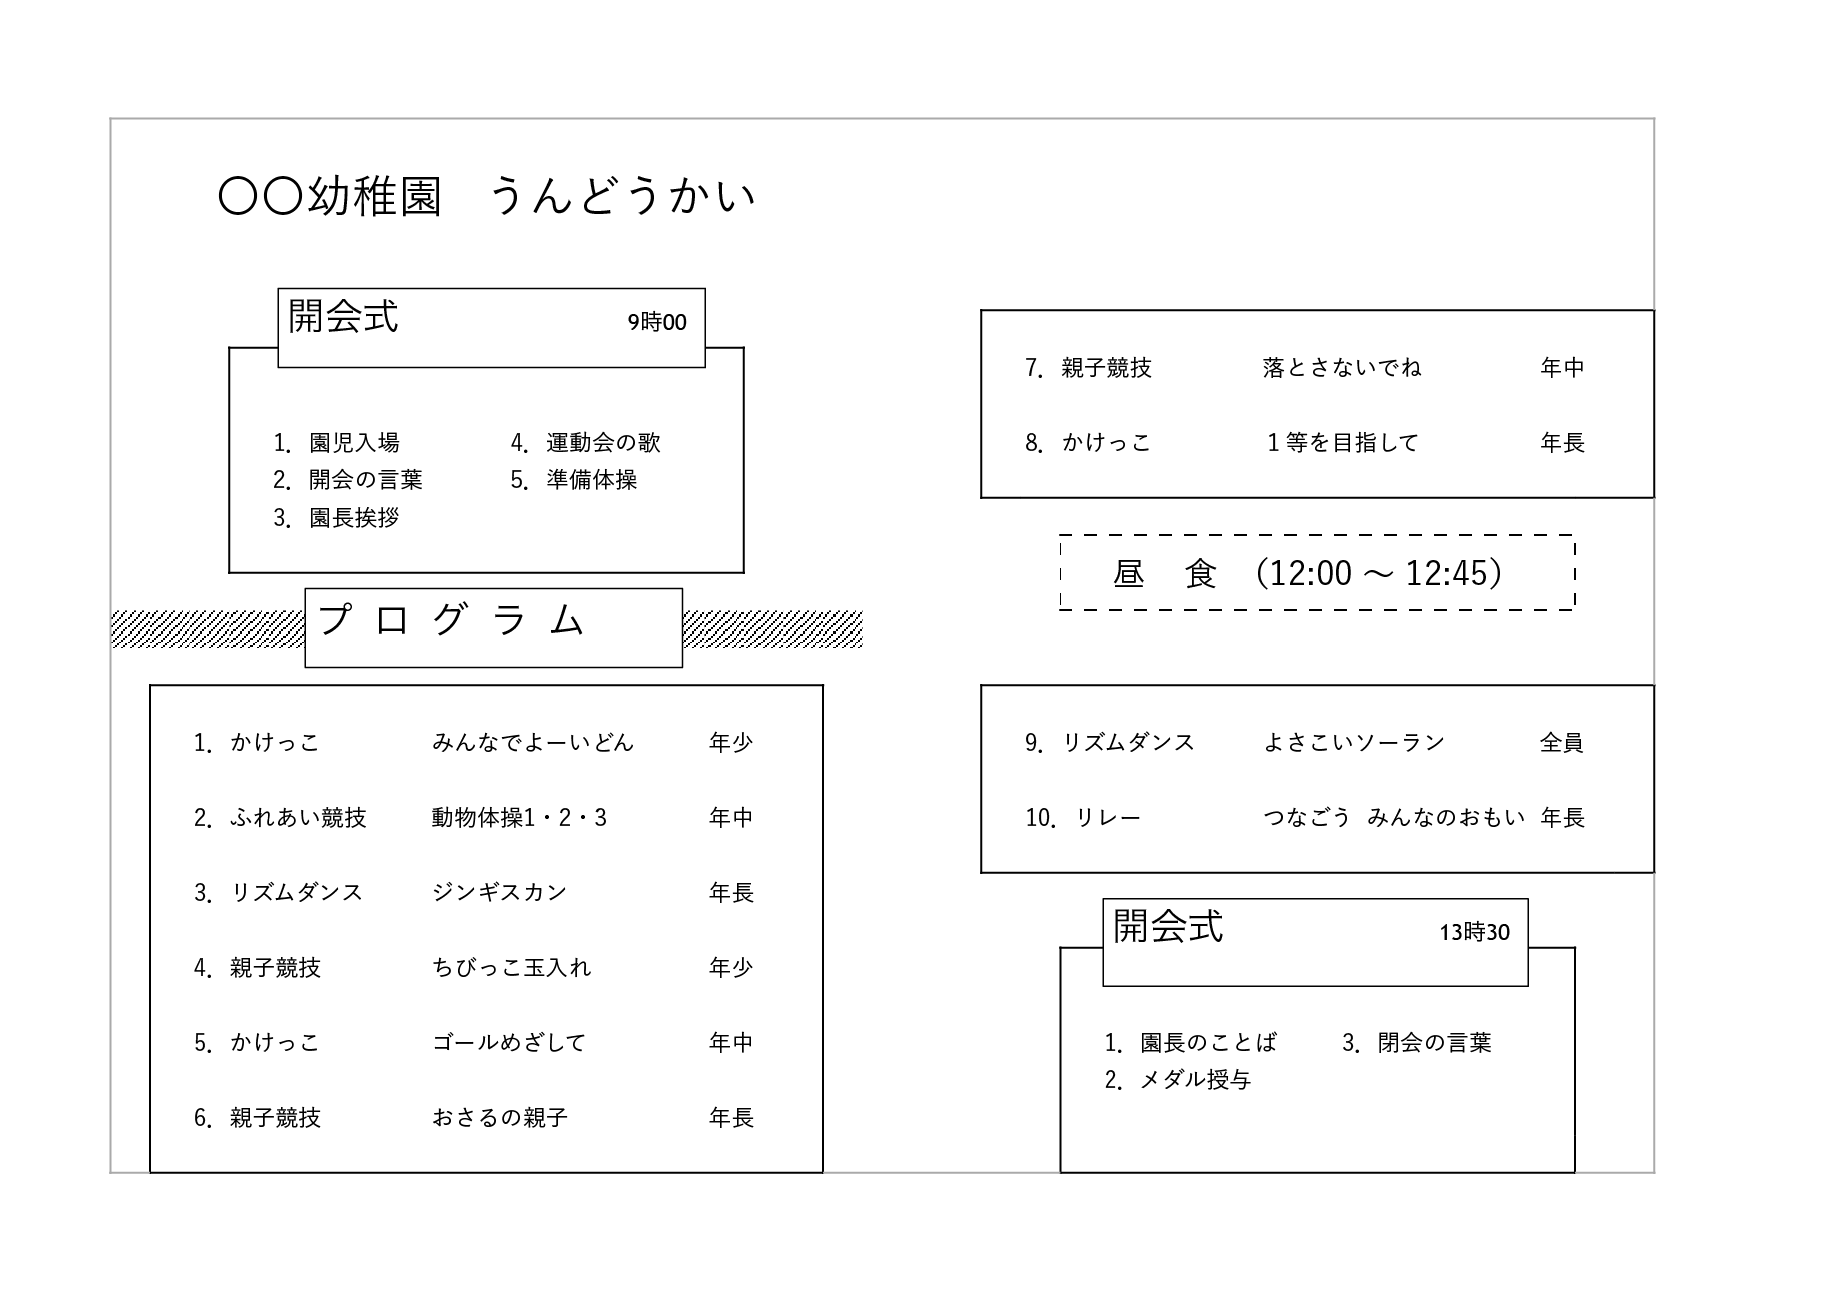 予定表 テンプレート_イベントプログラム(エクセル・ナンバーズ)